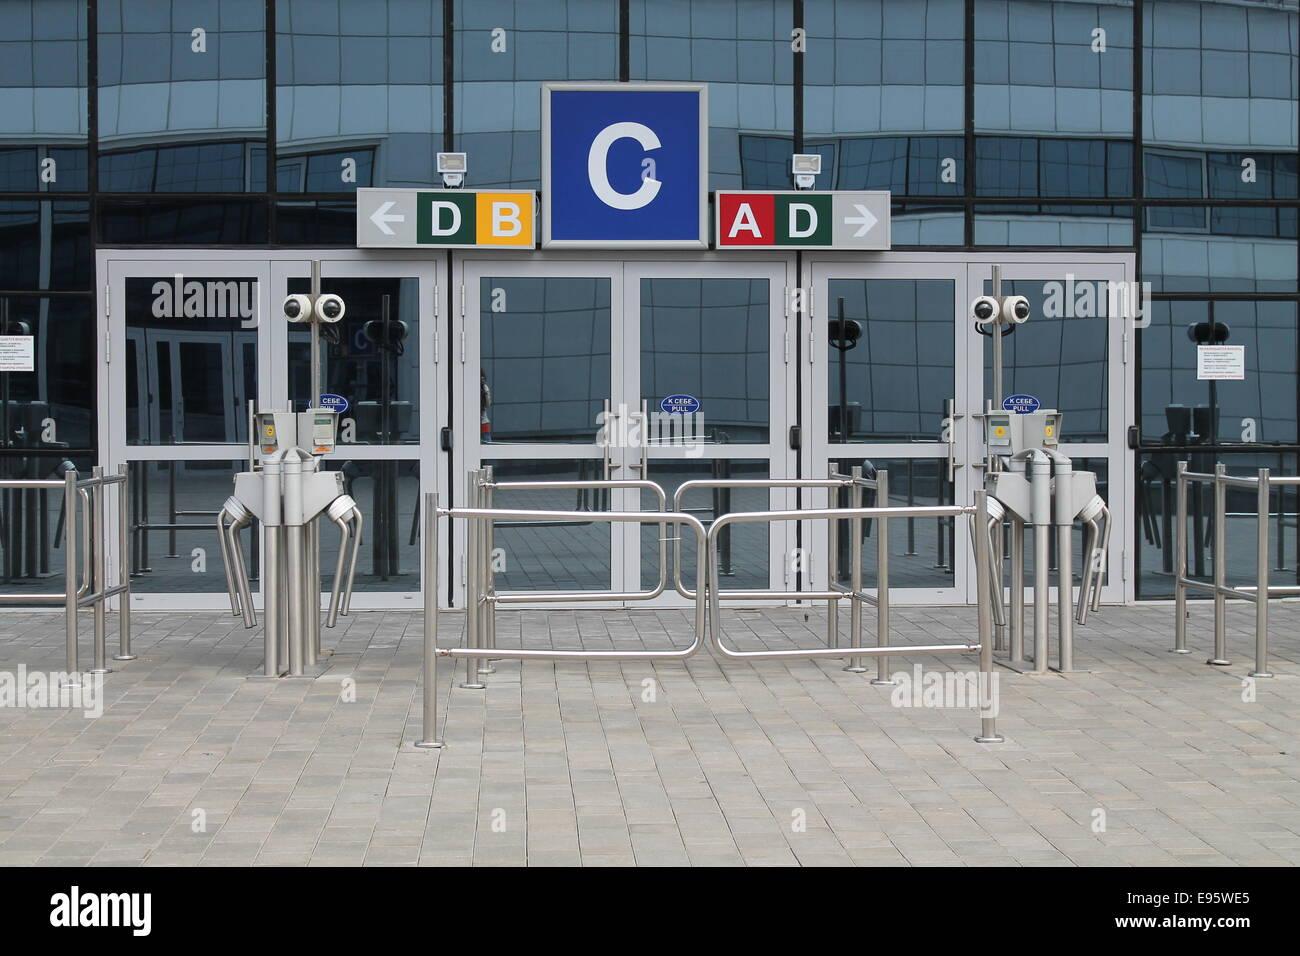 glass door entrance. Glass Door Entrance In Sport Stadium With Metal Turnstile S